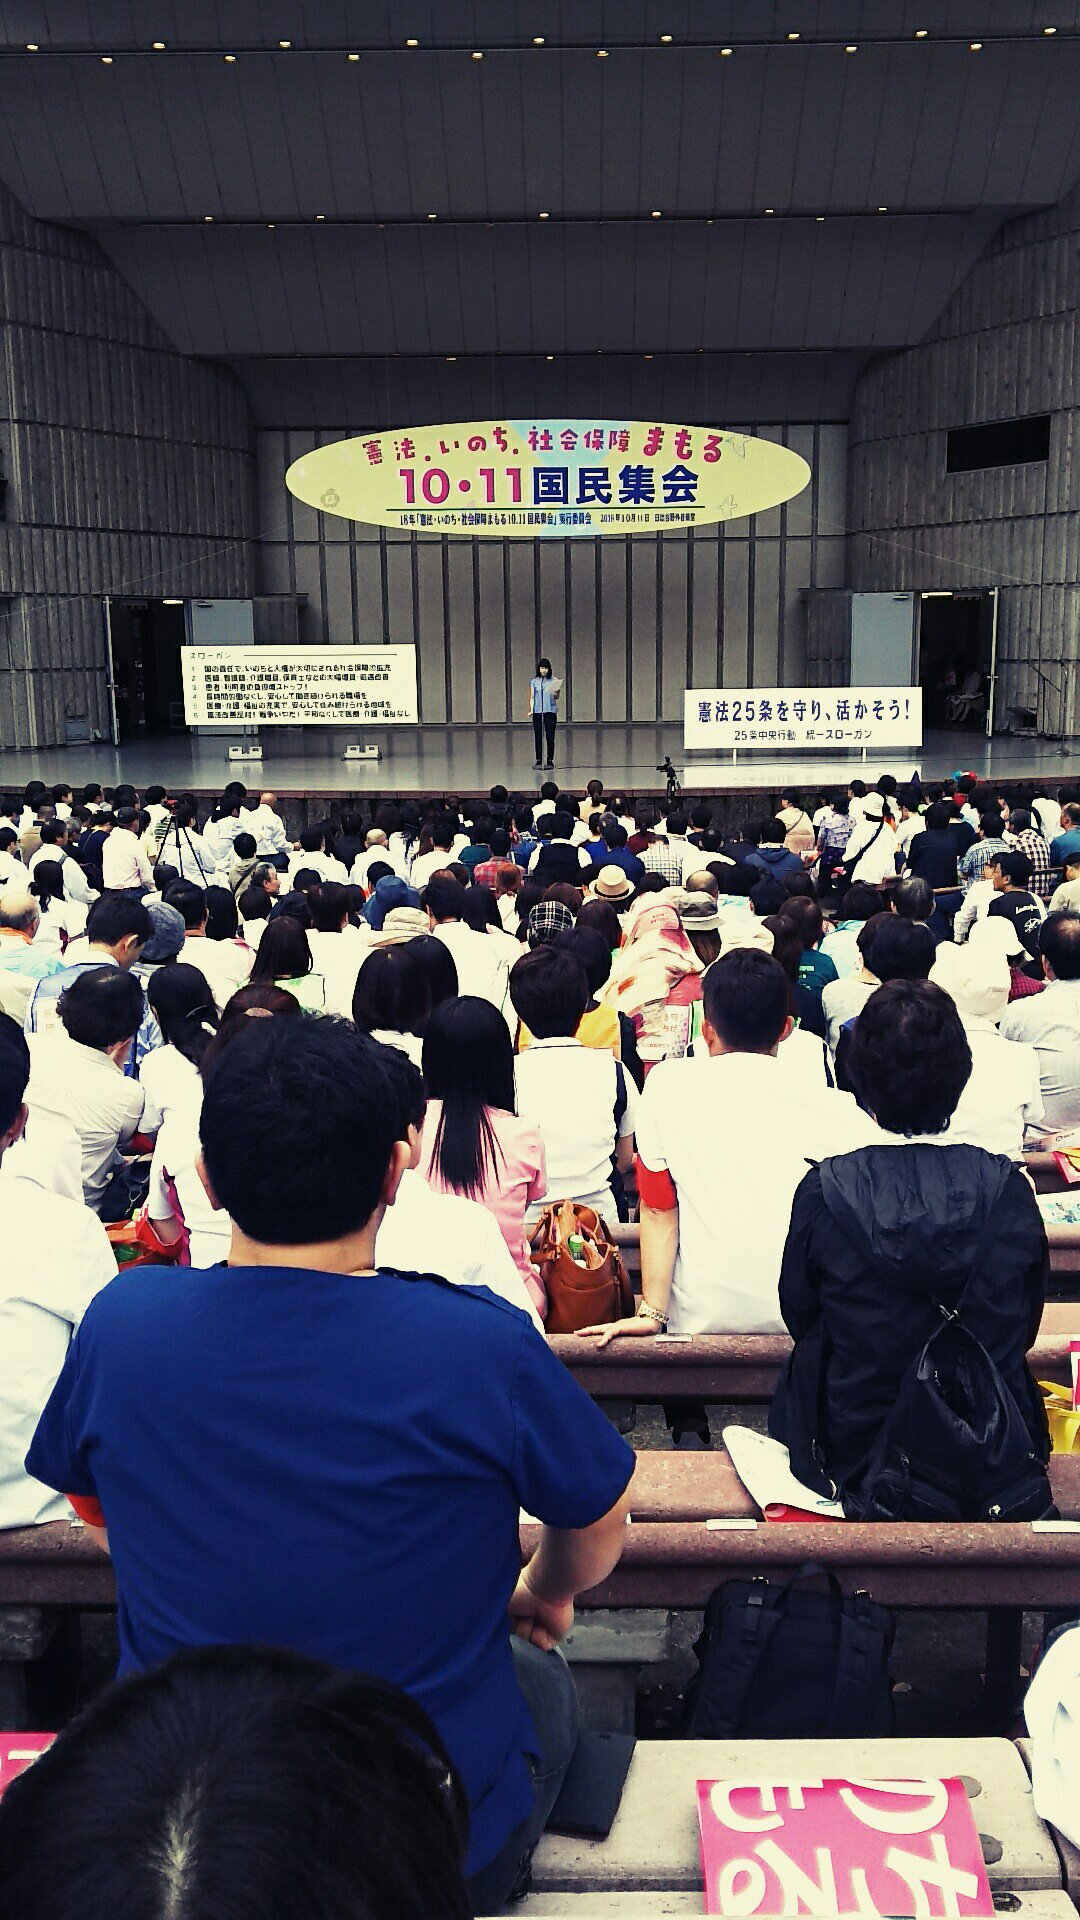 憲法、いのち、社会保障まもる10・11国民集会